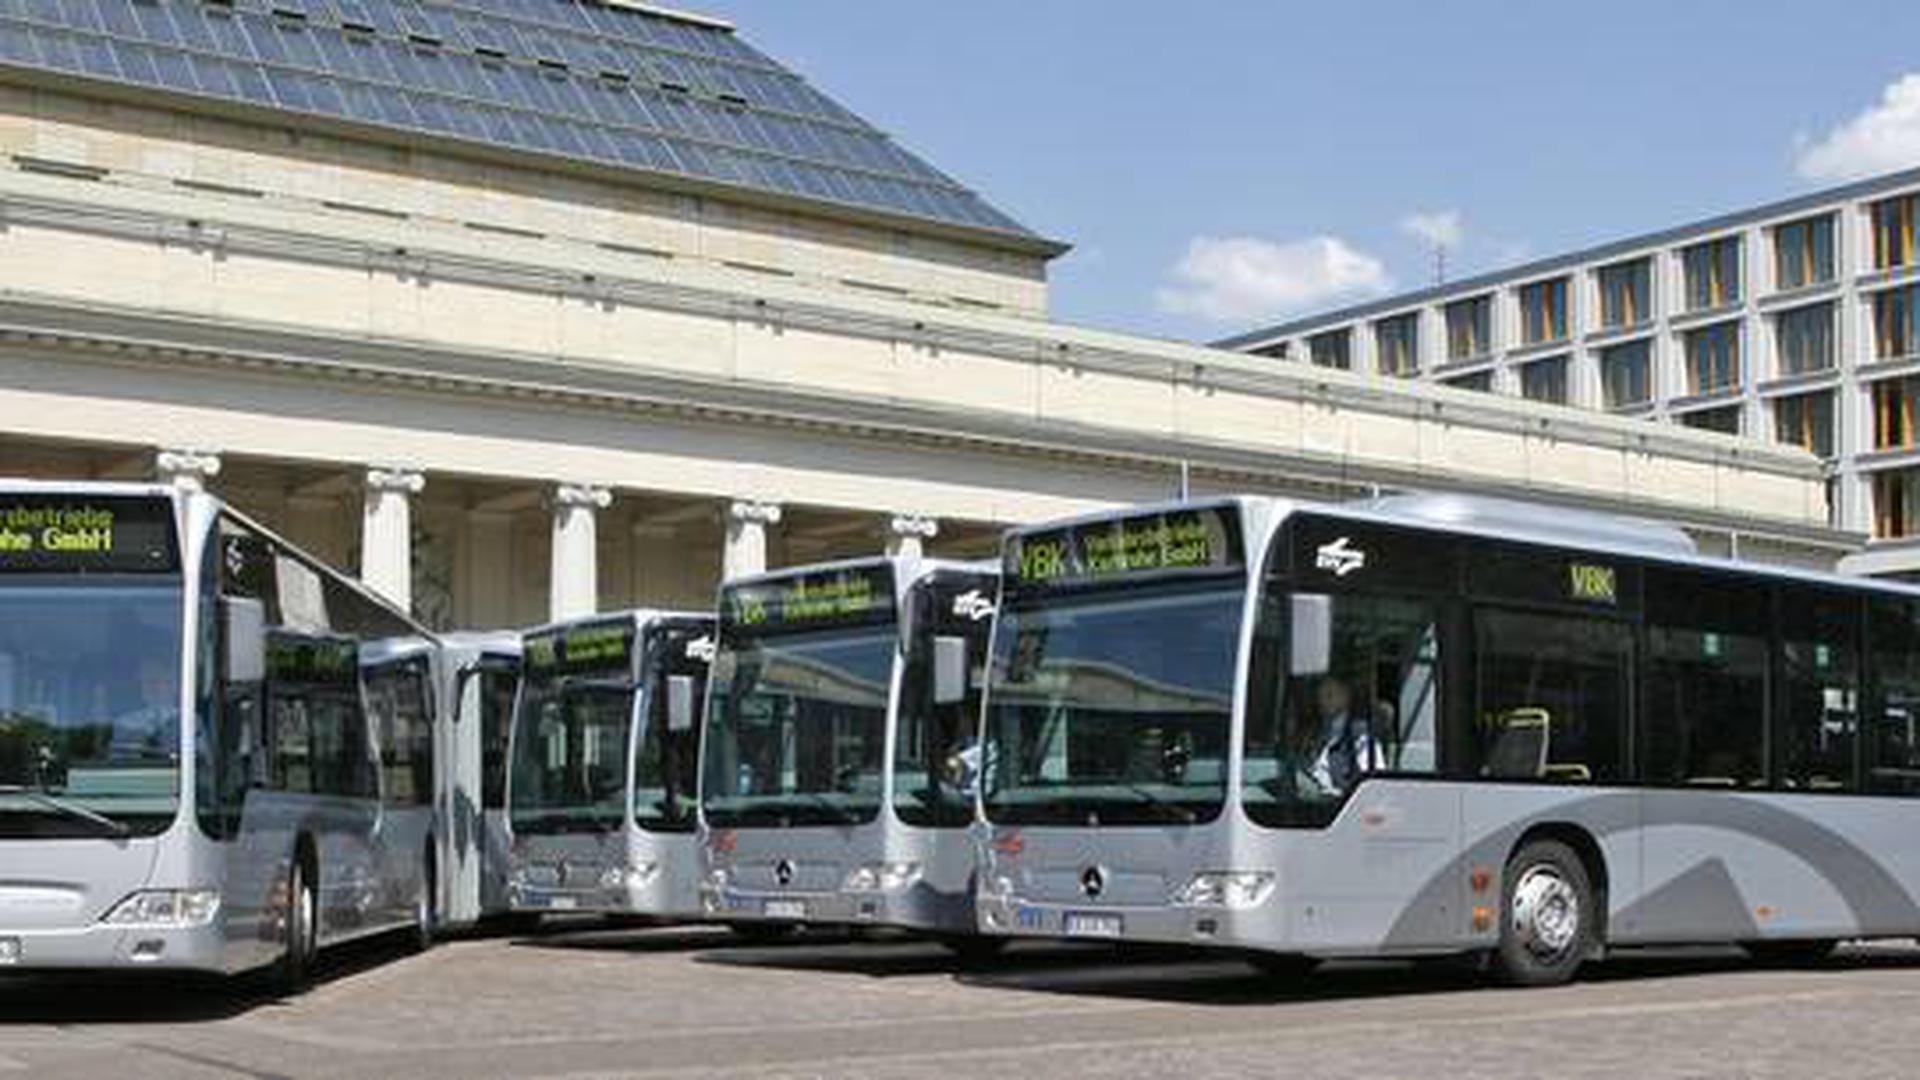 Mehrere Busse des KVV auf einem Parkplatz.